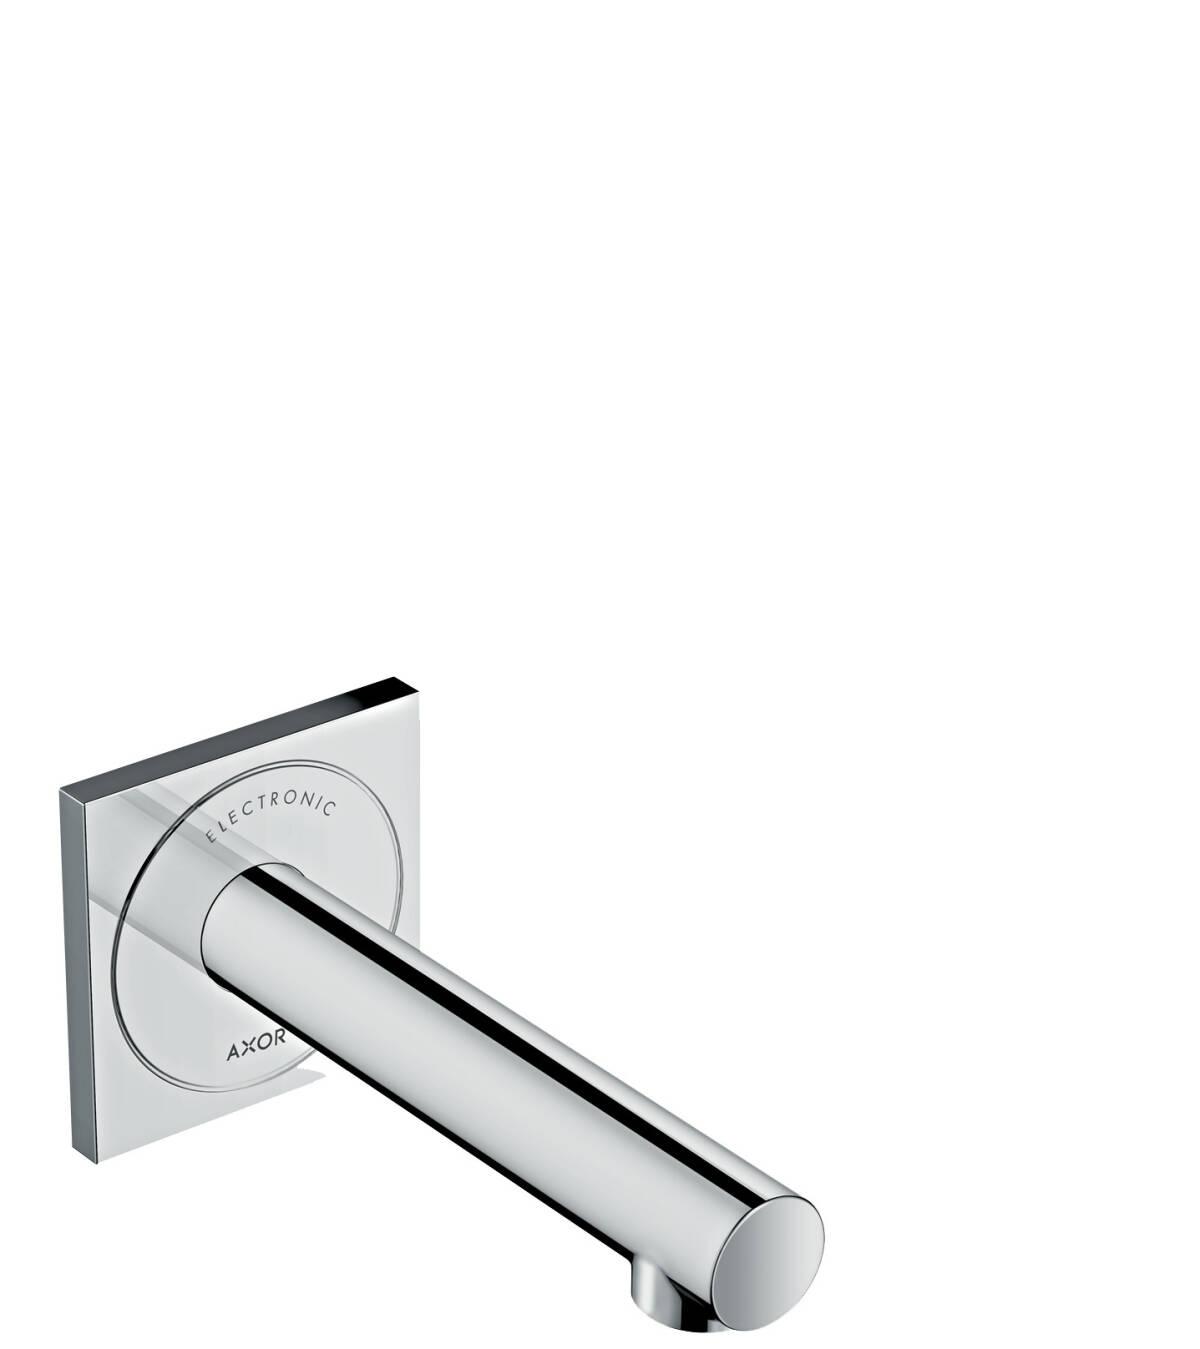 Elektronik-Waschtischmischer Unterputz für Wandmontage mit Auslauf 161 mm, Chrom, 45110000